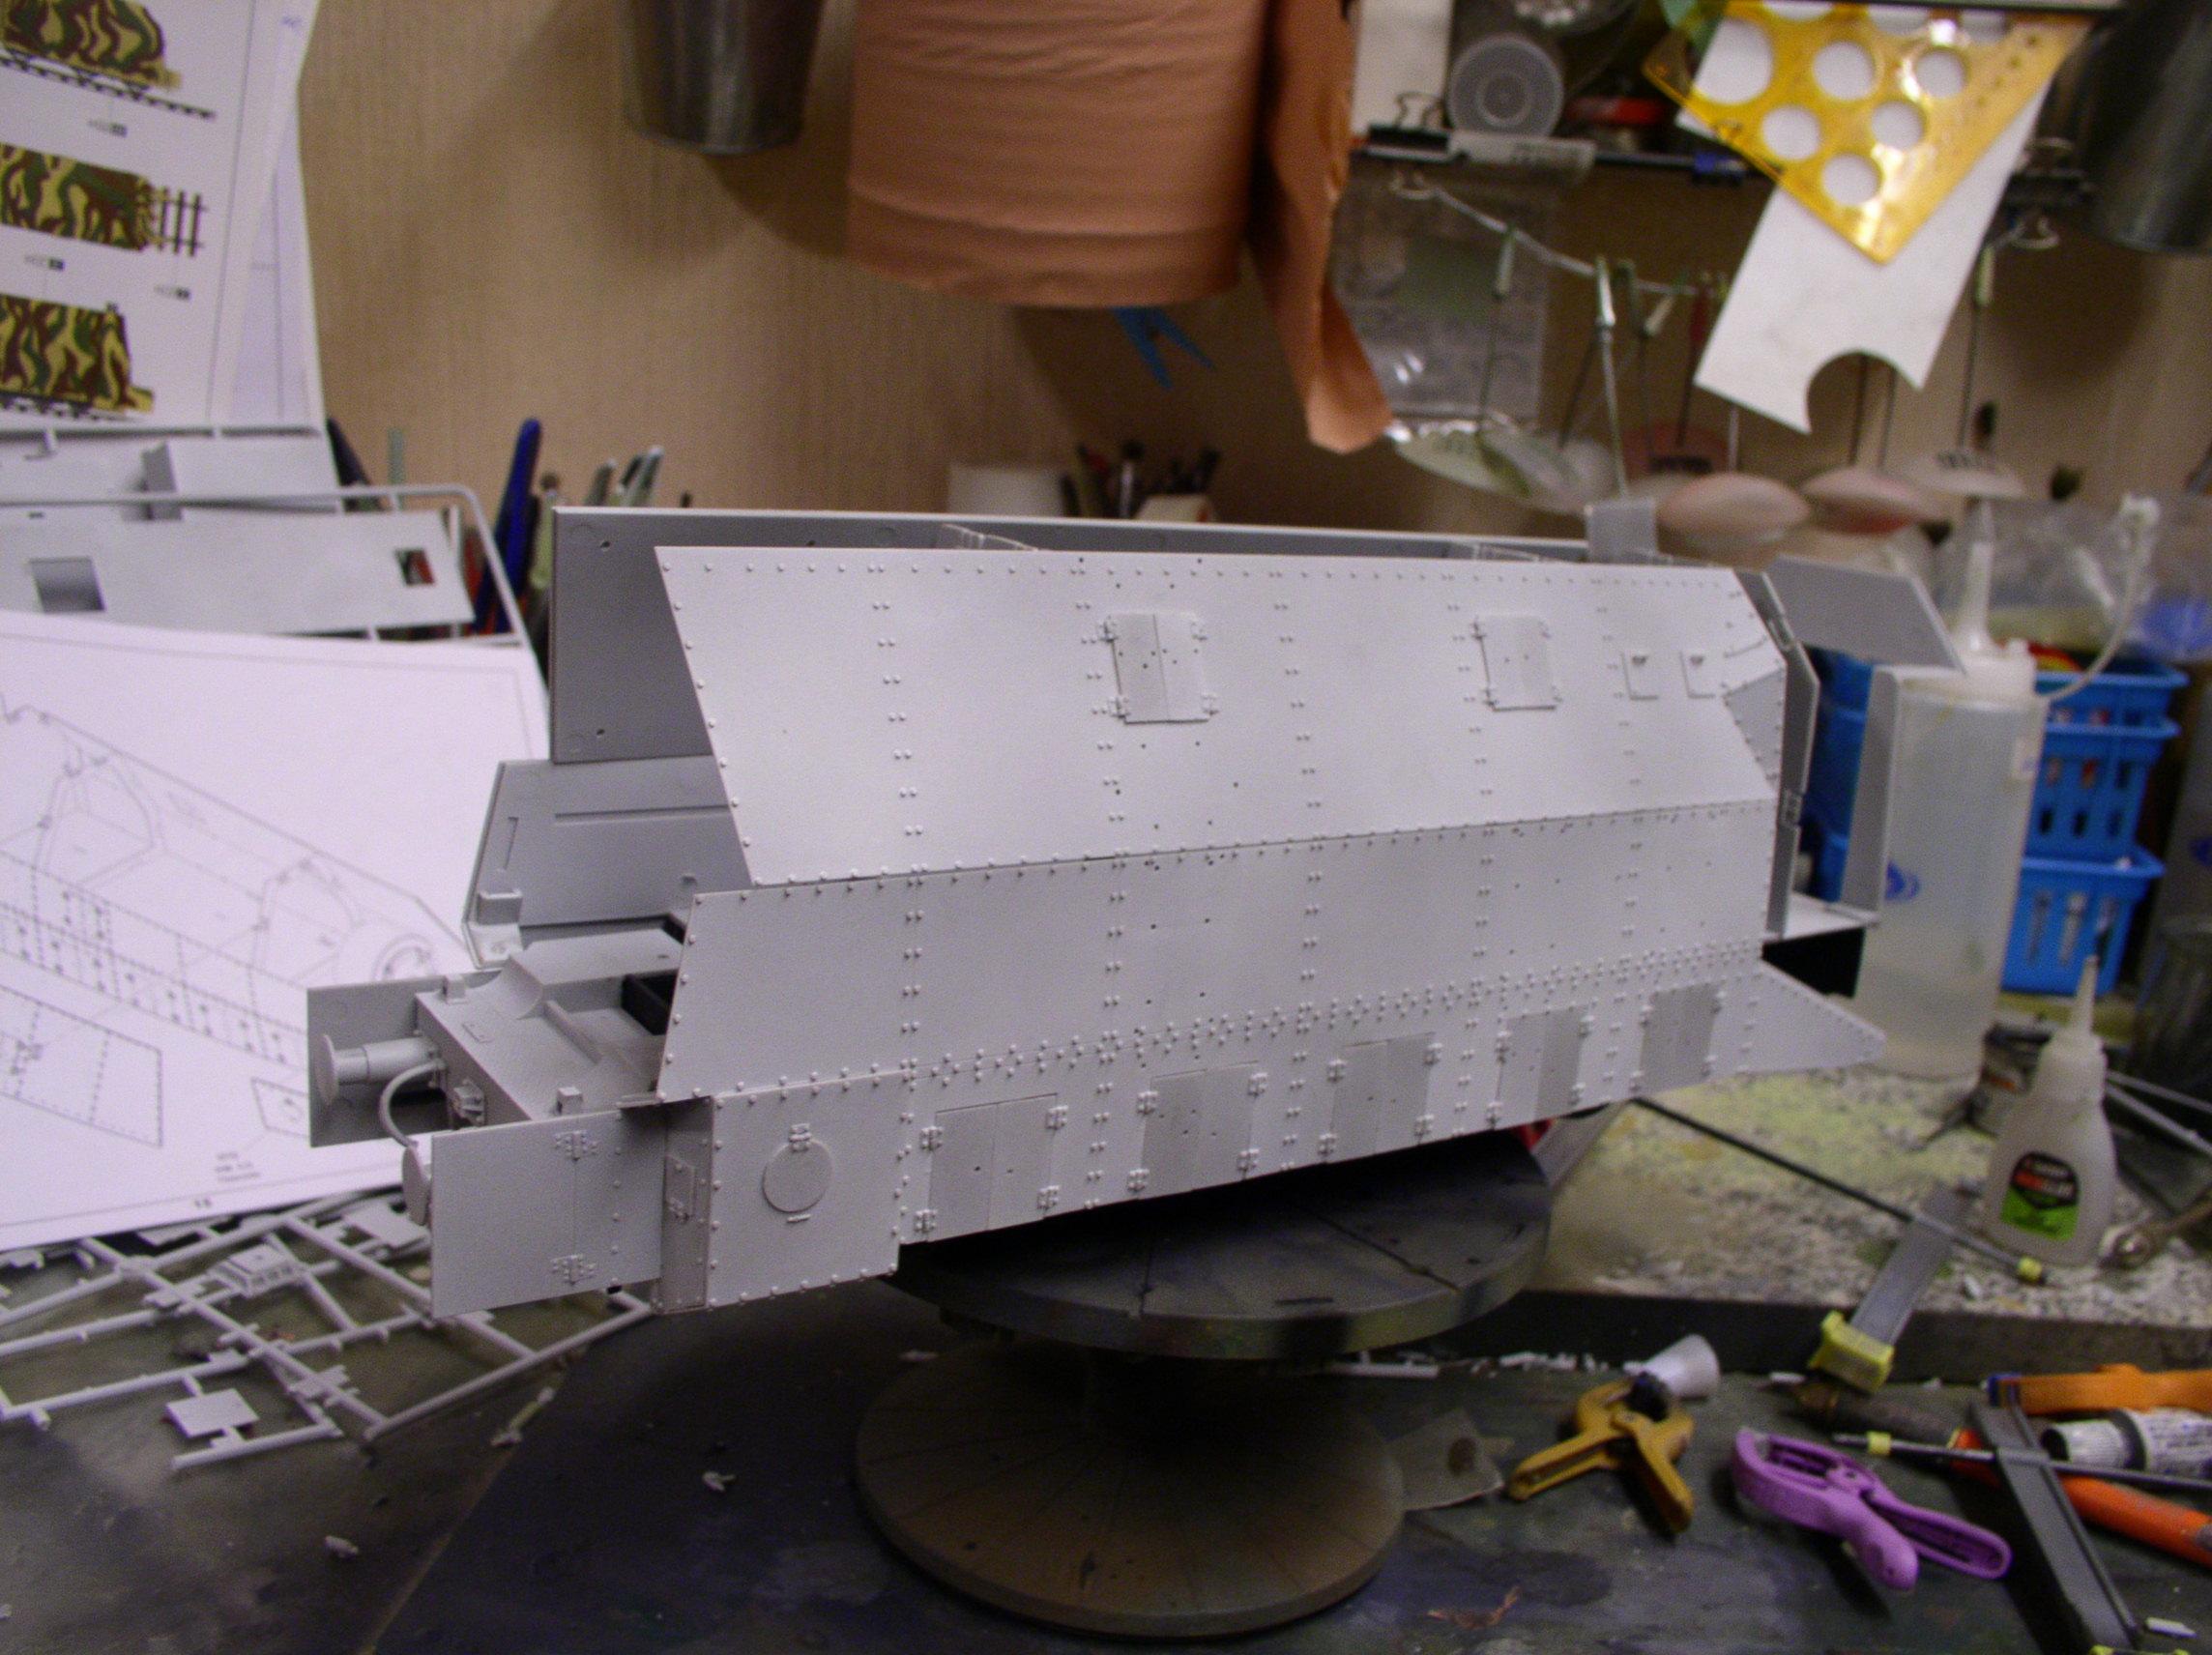 peinture - (Thunderbird) BR 57 Baureihe Panzerlok (Peinture en cours)  - Page 2 98473379